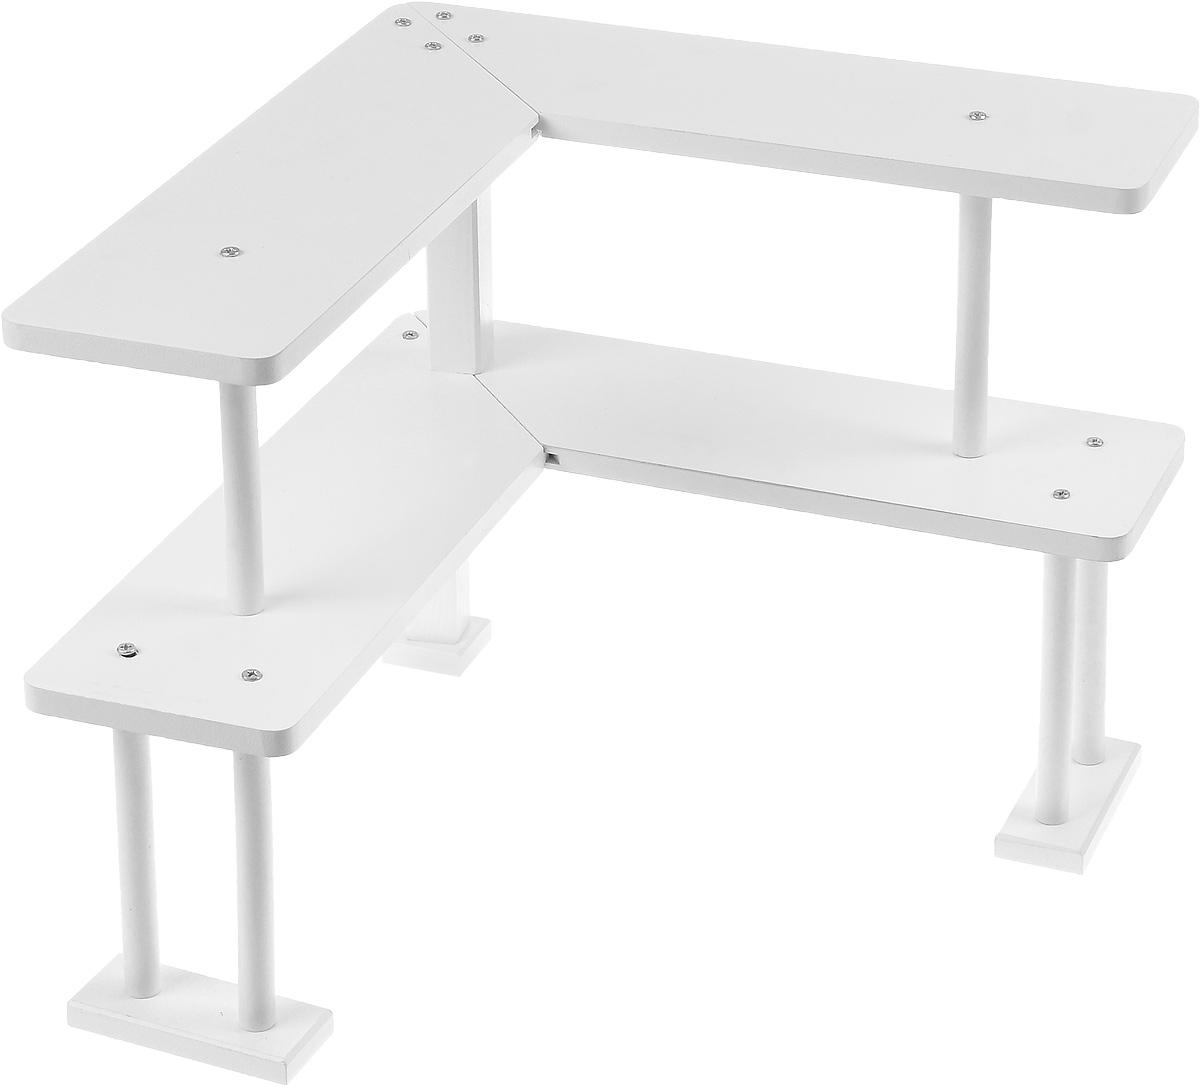 Полка угловая Mayer & Boch, 2-х ярусная. 2424980621Деревянная угловая полка Mayer Boch - удобная и практичная конструкция, которая поможет вам правильно и рационально организовать рабочее пространство на вашем письменном столе. Полка представляет собой угловую двухъярусную конструкцию на высоких ножках, что позволяет использовать каждый сантиметр вашего стола с пользой и умом. В такой полке можно расположить все необходимые письменные принадлежности, документы или книги. Стильный и современный дизайн конструкции позволит ей вписаться в любой интерьер.Полка поставляется в разобранном виде и собирается при помощи саморезов (входят в комплект).Размер полки в собранном виде: 37 х 37 х 34 см.Высота нижнего яруса: 17,5 см.Высота верхнего яруса: 16,5 см.Глубина полки: 11,5 см.